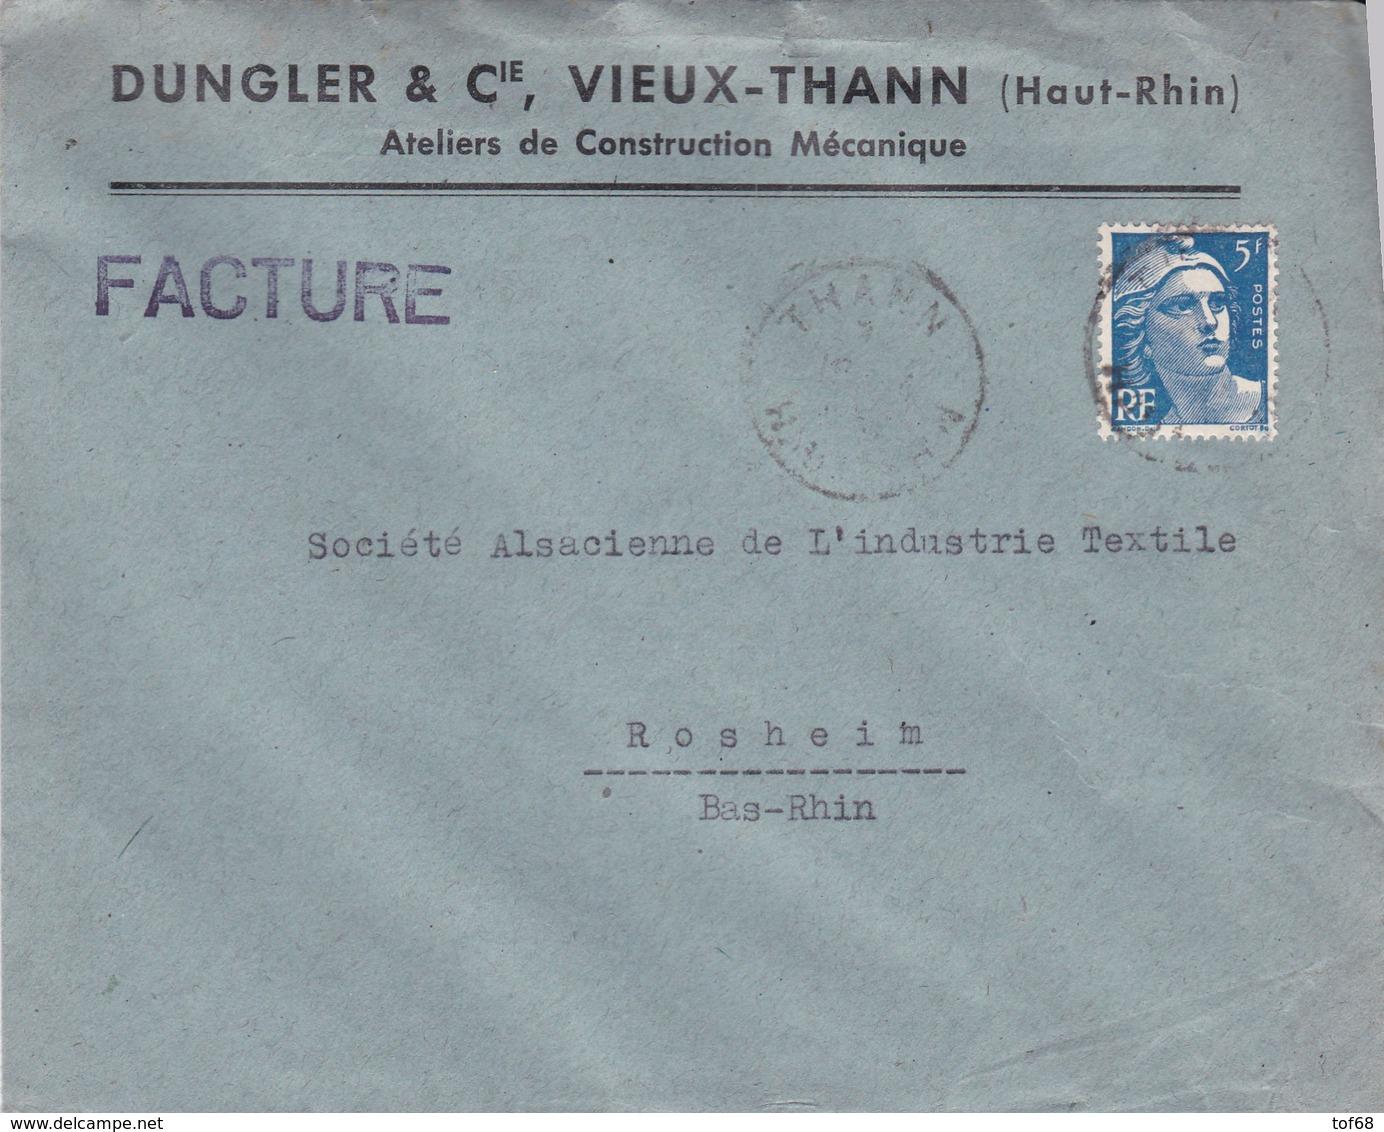 Vieux Thann Lettre à Entête 1947 Dungler & Cie Ateliers De Construction Mecanique - Marcophilie (Lettres)